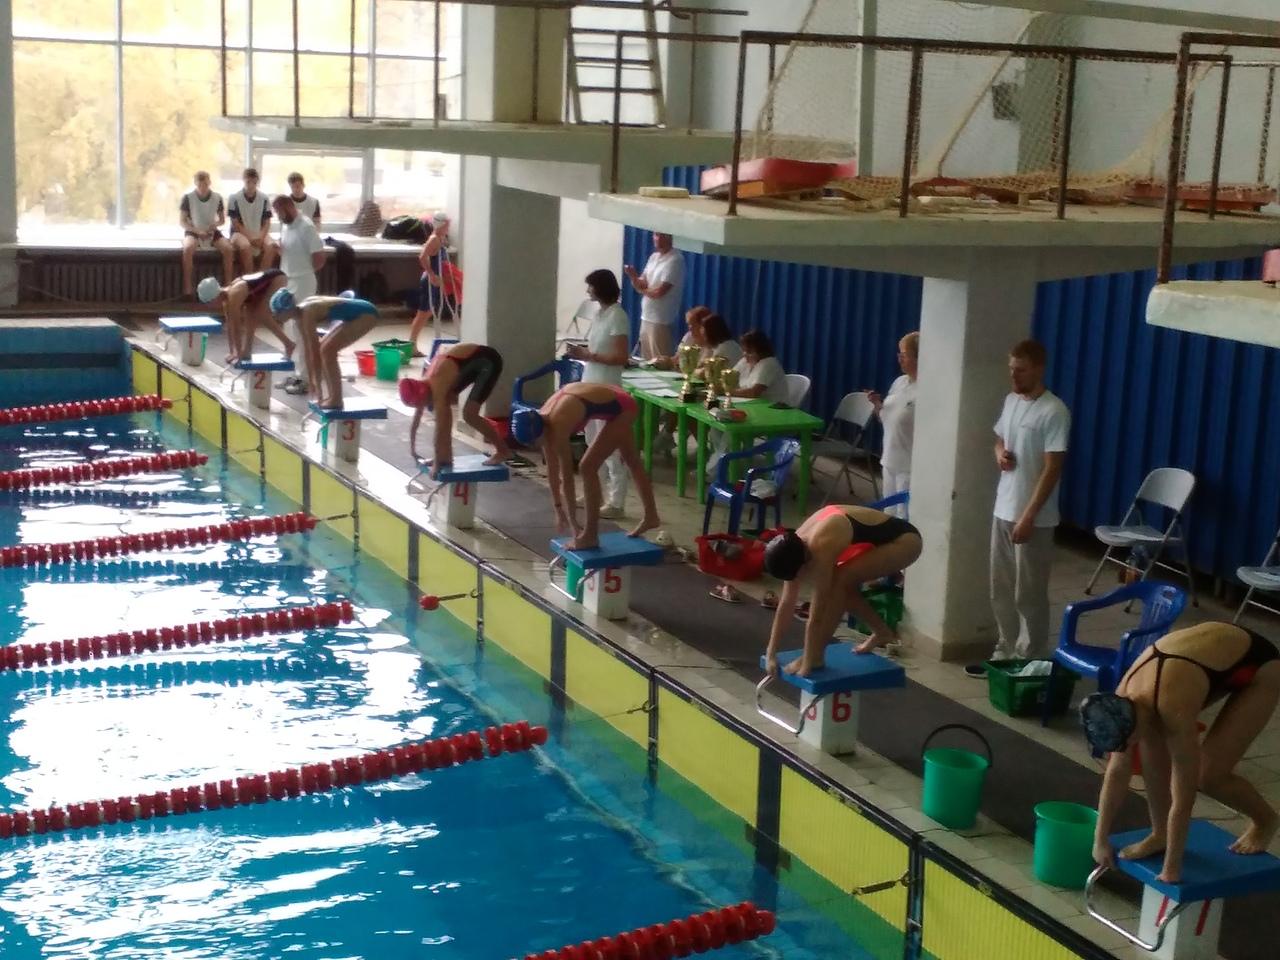 Сборная команда города Москвы выиграла общекомандный зачет первенства России по плаванию среди спортсменов с ПОДА в Дзержинске